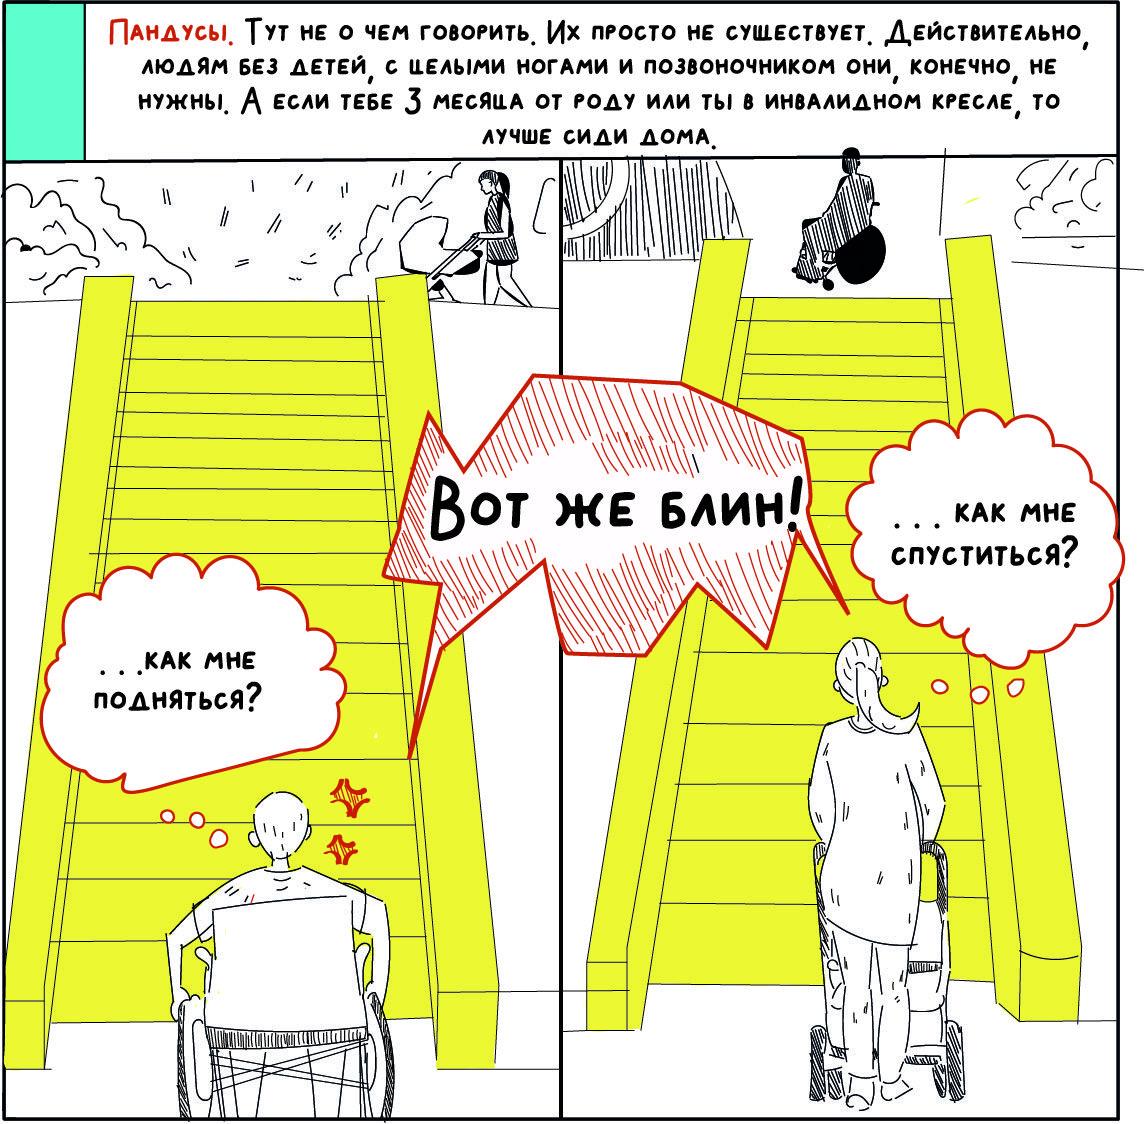 comics about kyiv 12 - <b>«Собі побібікай!»</b> Комікс Анастасії Оприщенко про те, що дратує в Києві найбільше - Заборона